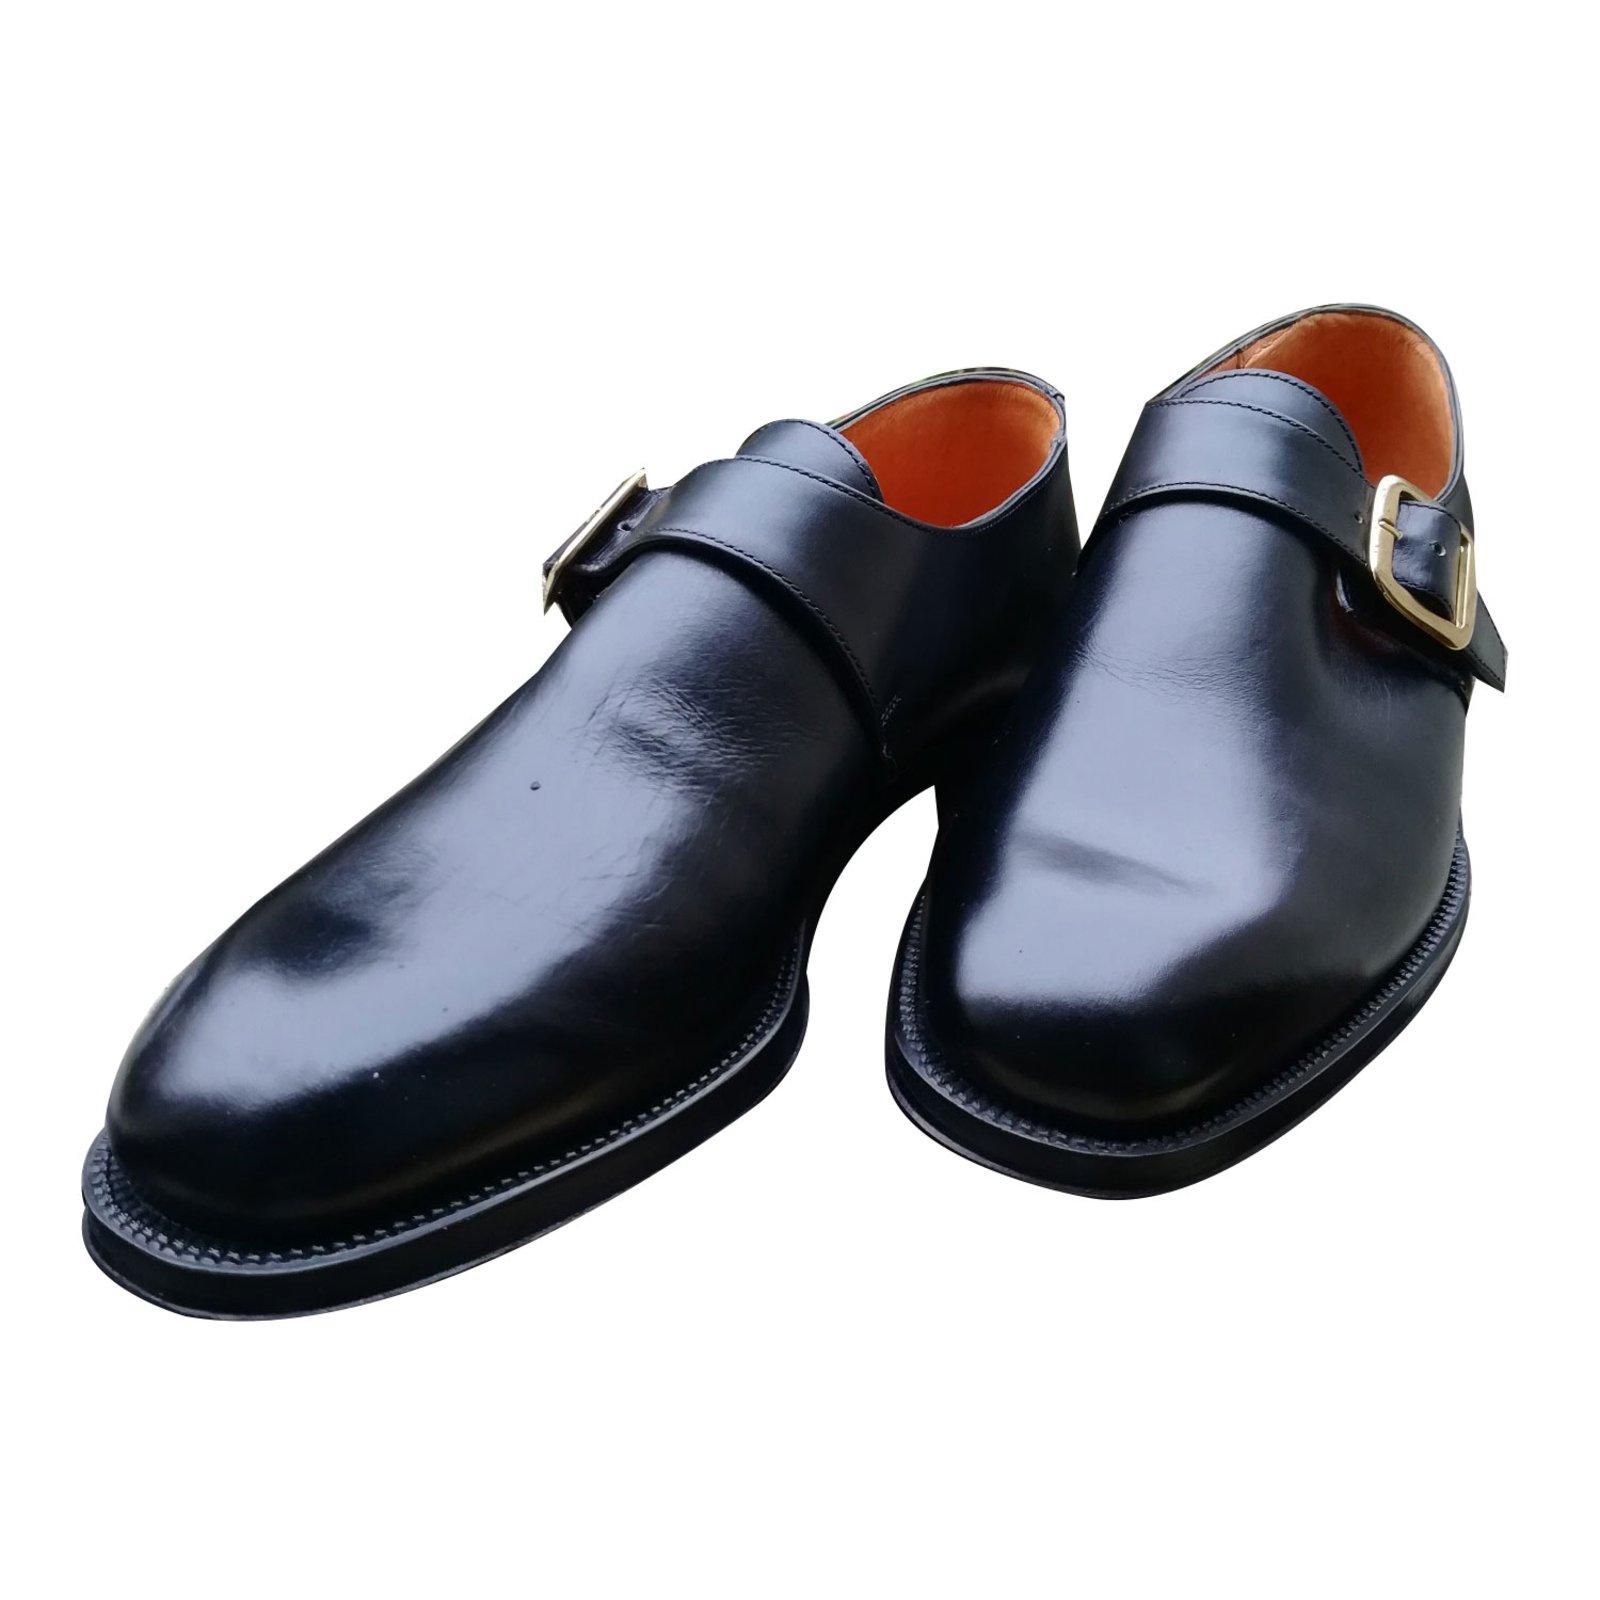 derbies homme autre marque chaussure boucle cuir noir ref. Black Bedroom Furniture Sets. Home Design Ideas